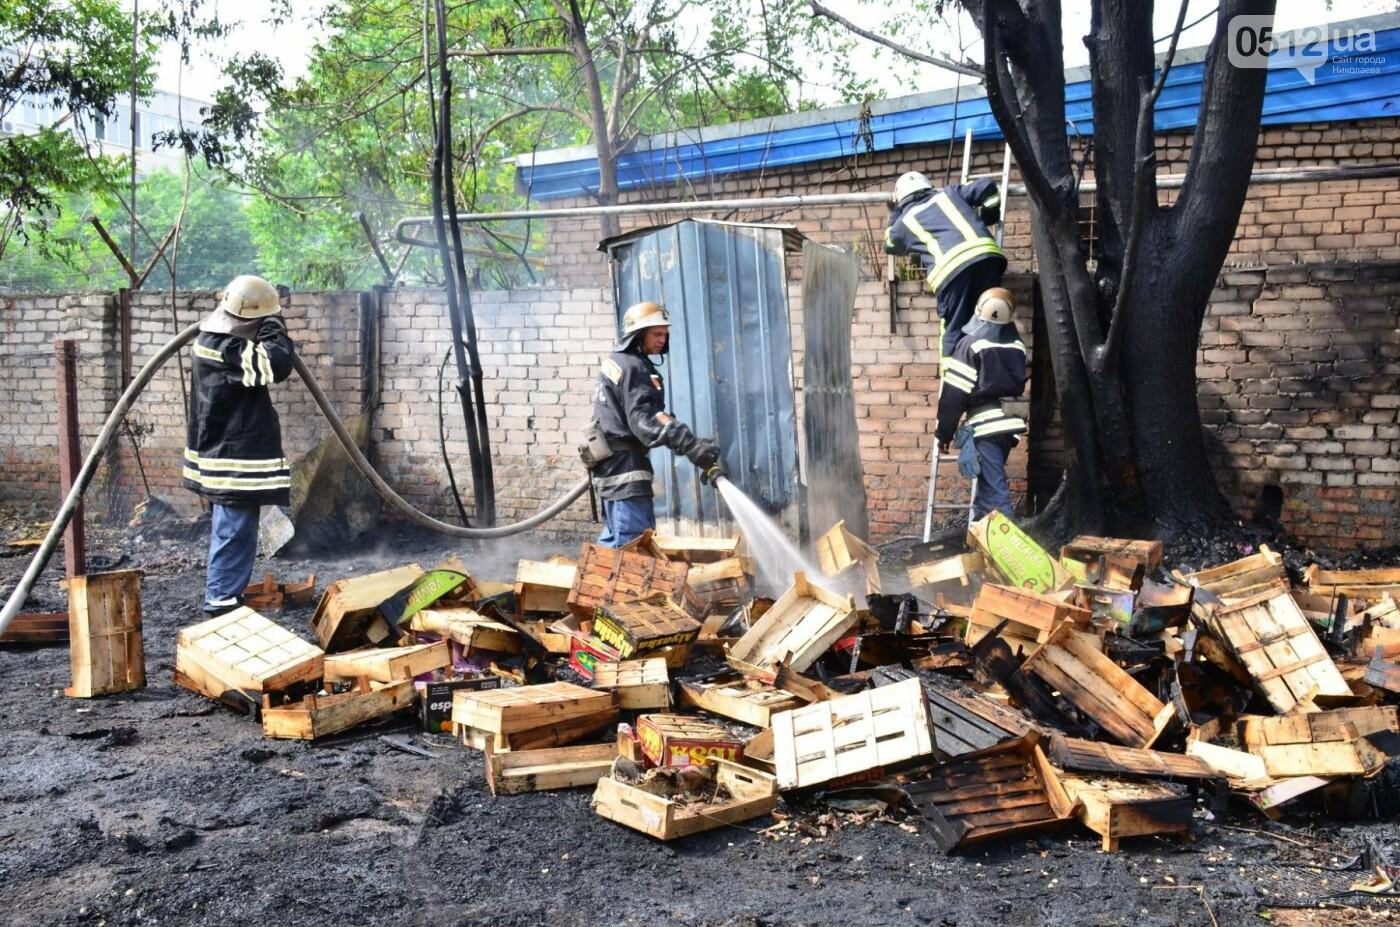 """В Николаеве на рынке """"Колос"""" горели деревянные ящики: огонь начал распространятся, - ФОТО, ВИДЕО, фото-9"""